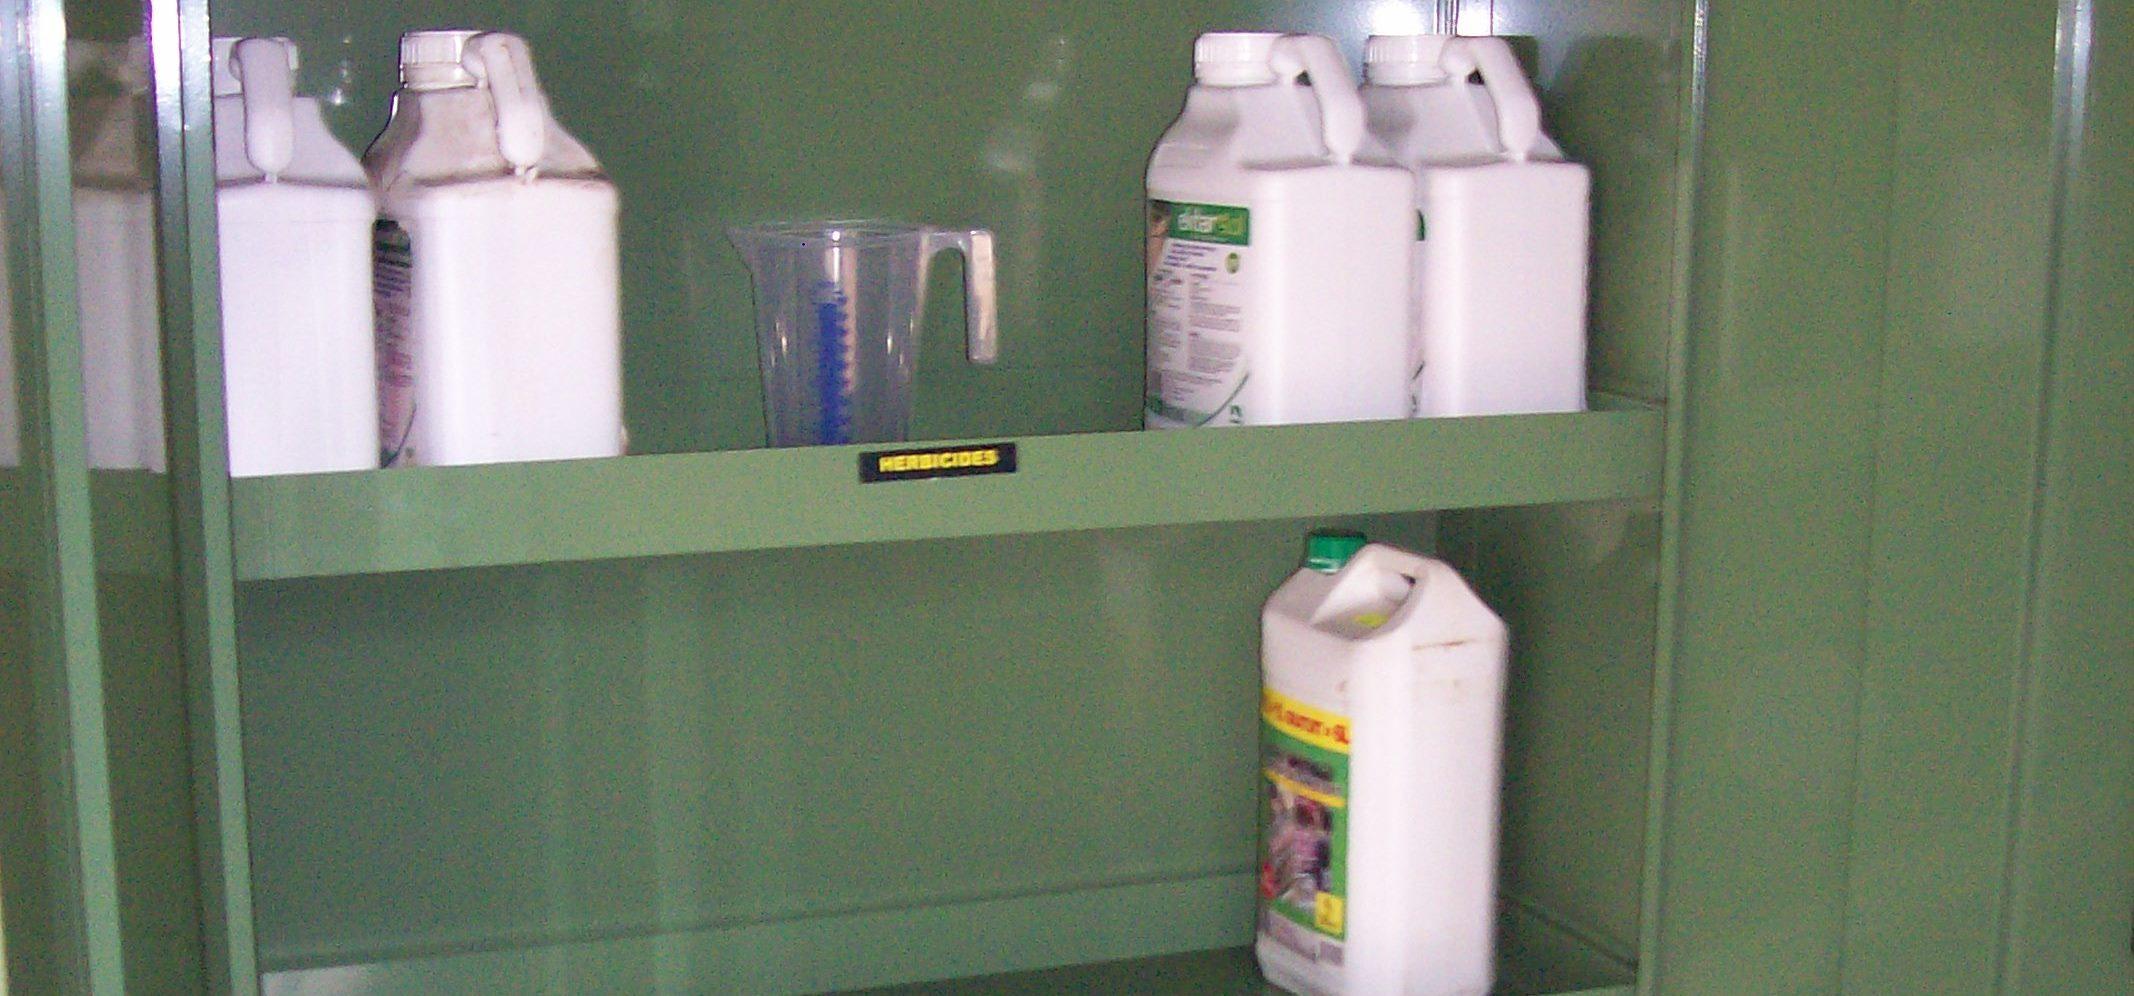 Plus de 400 inspections relatives à la distribution et l'utilisation des produits phytos